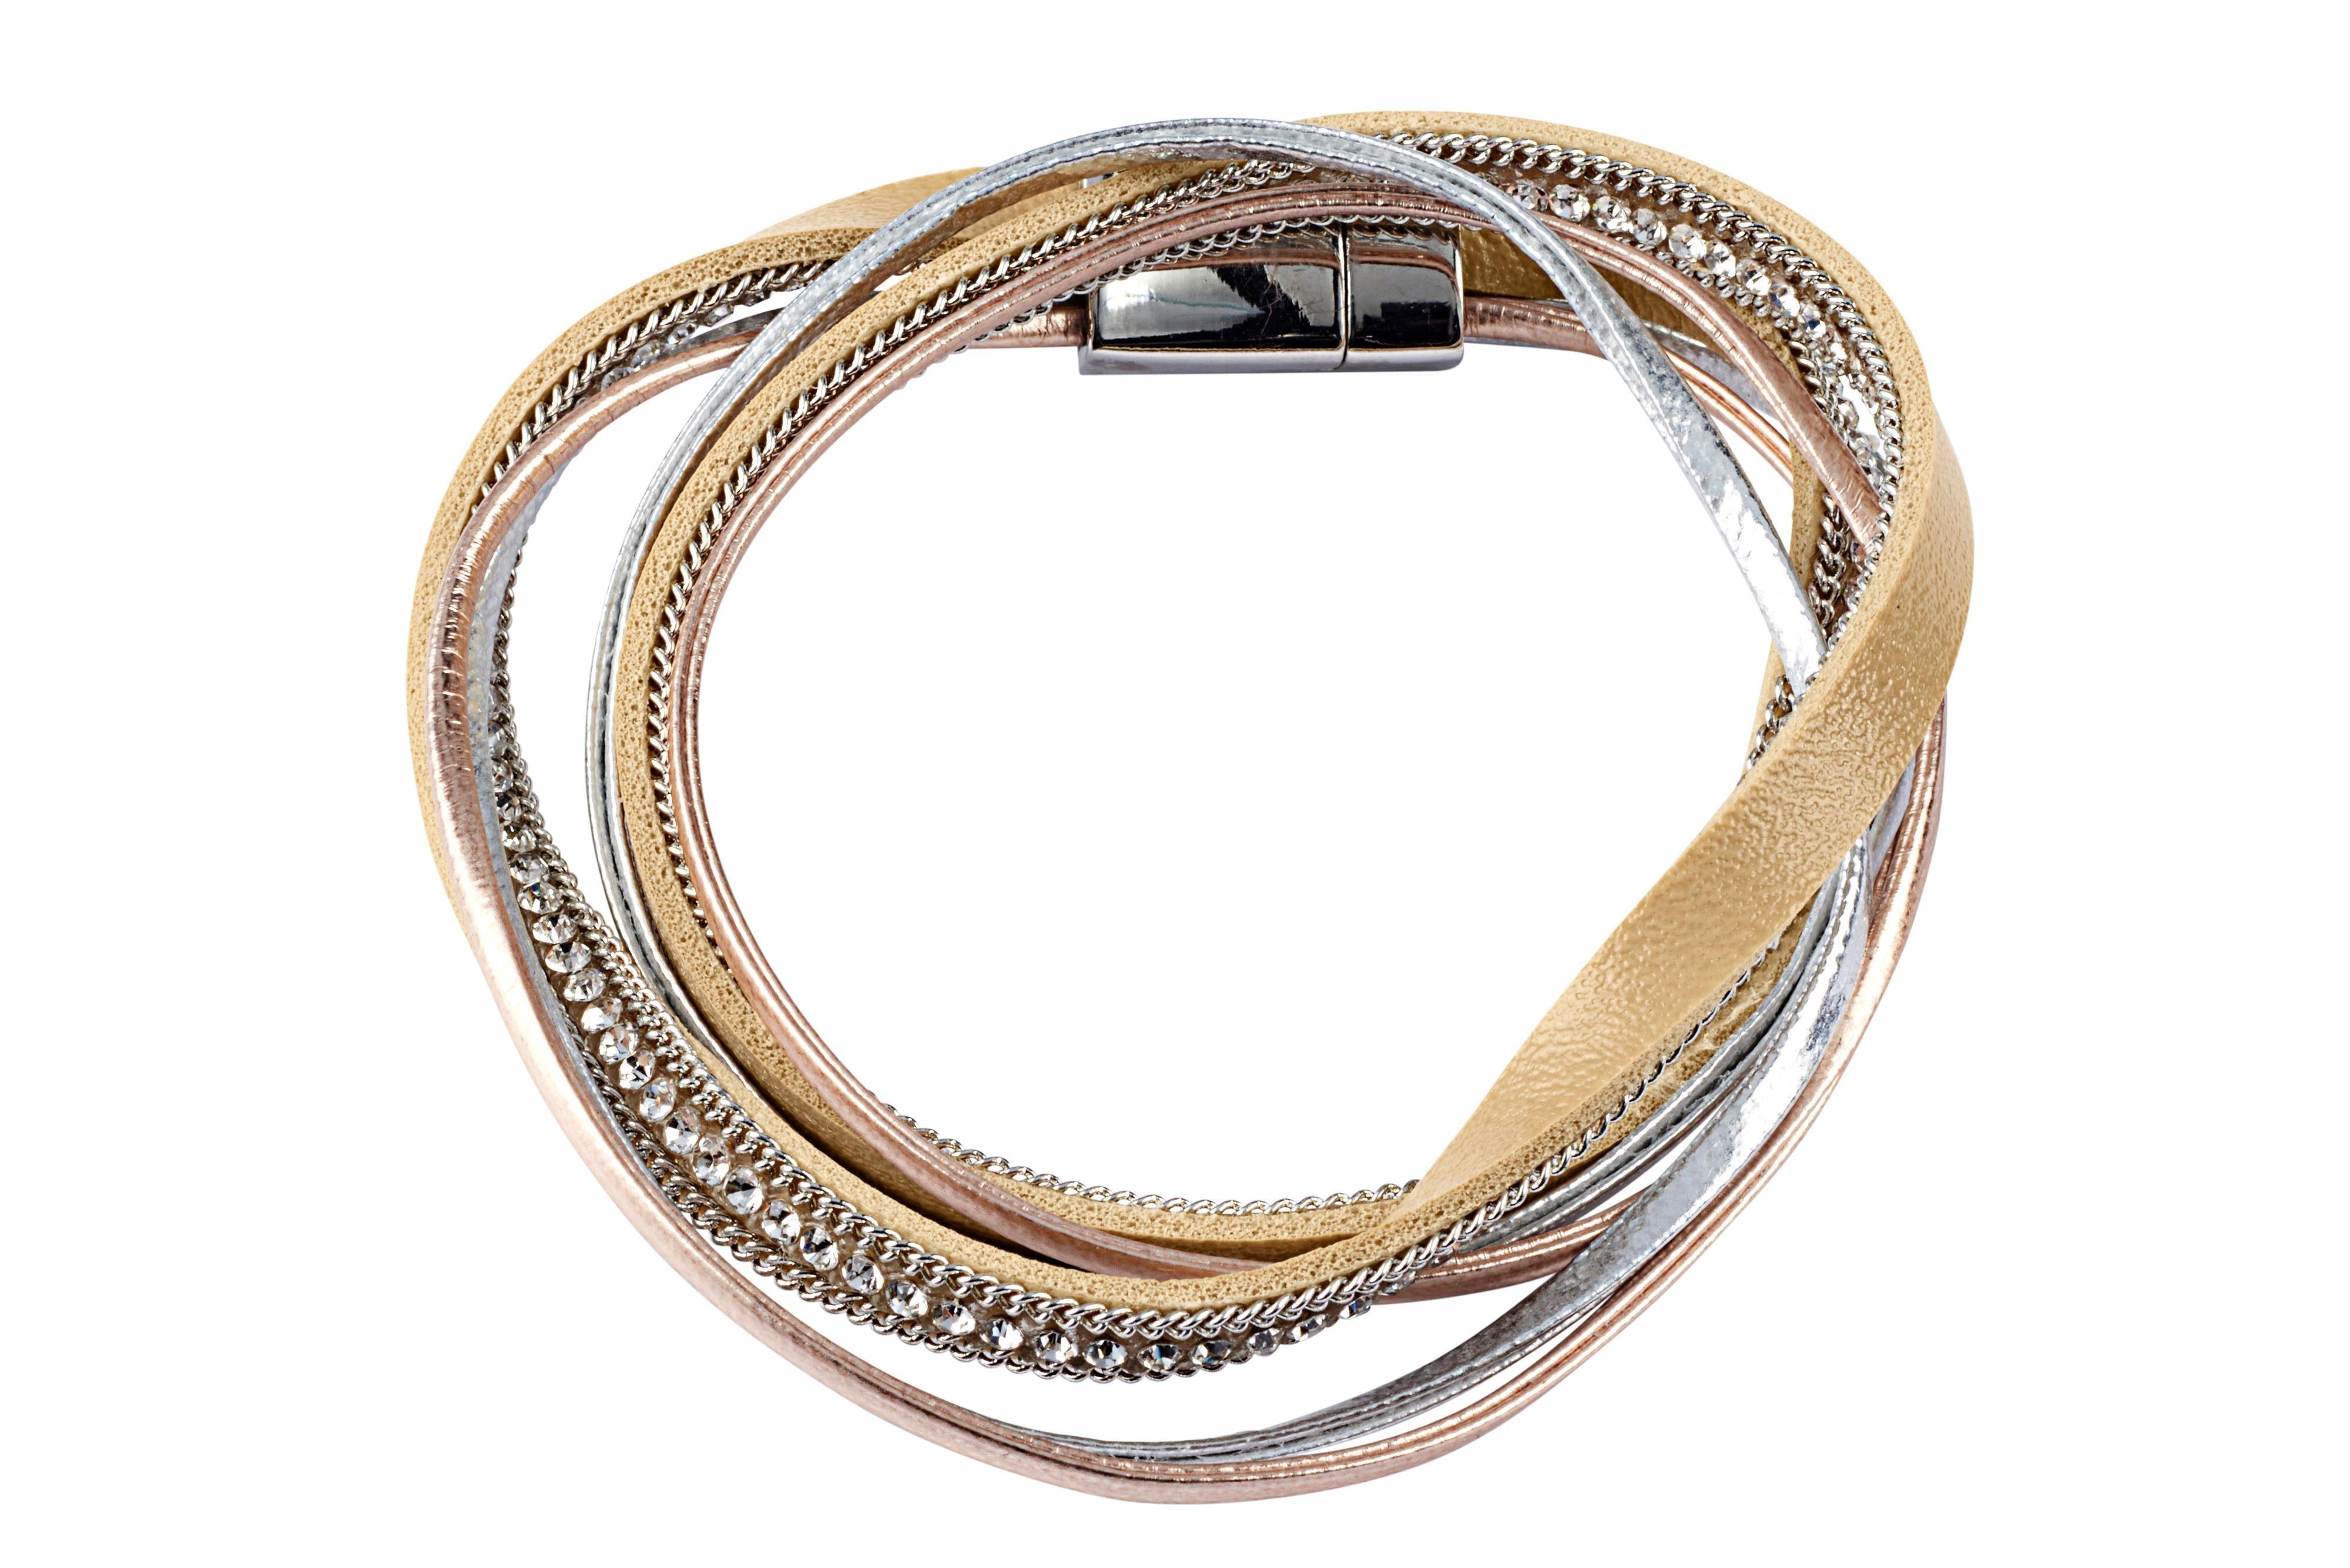 Heine Armband in Metallic-Farben